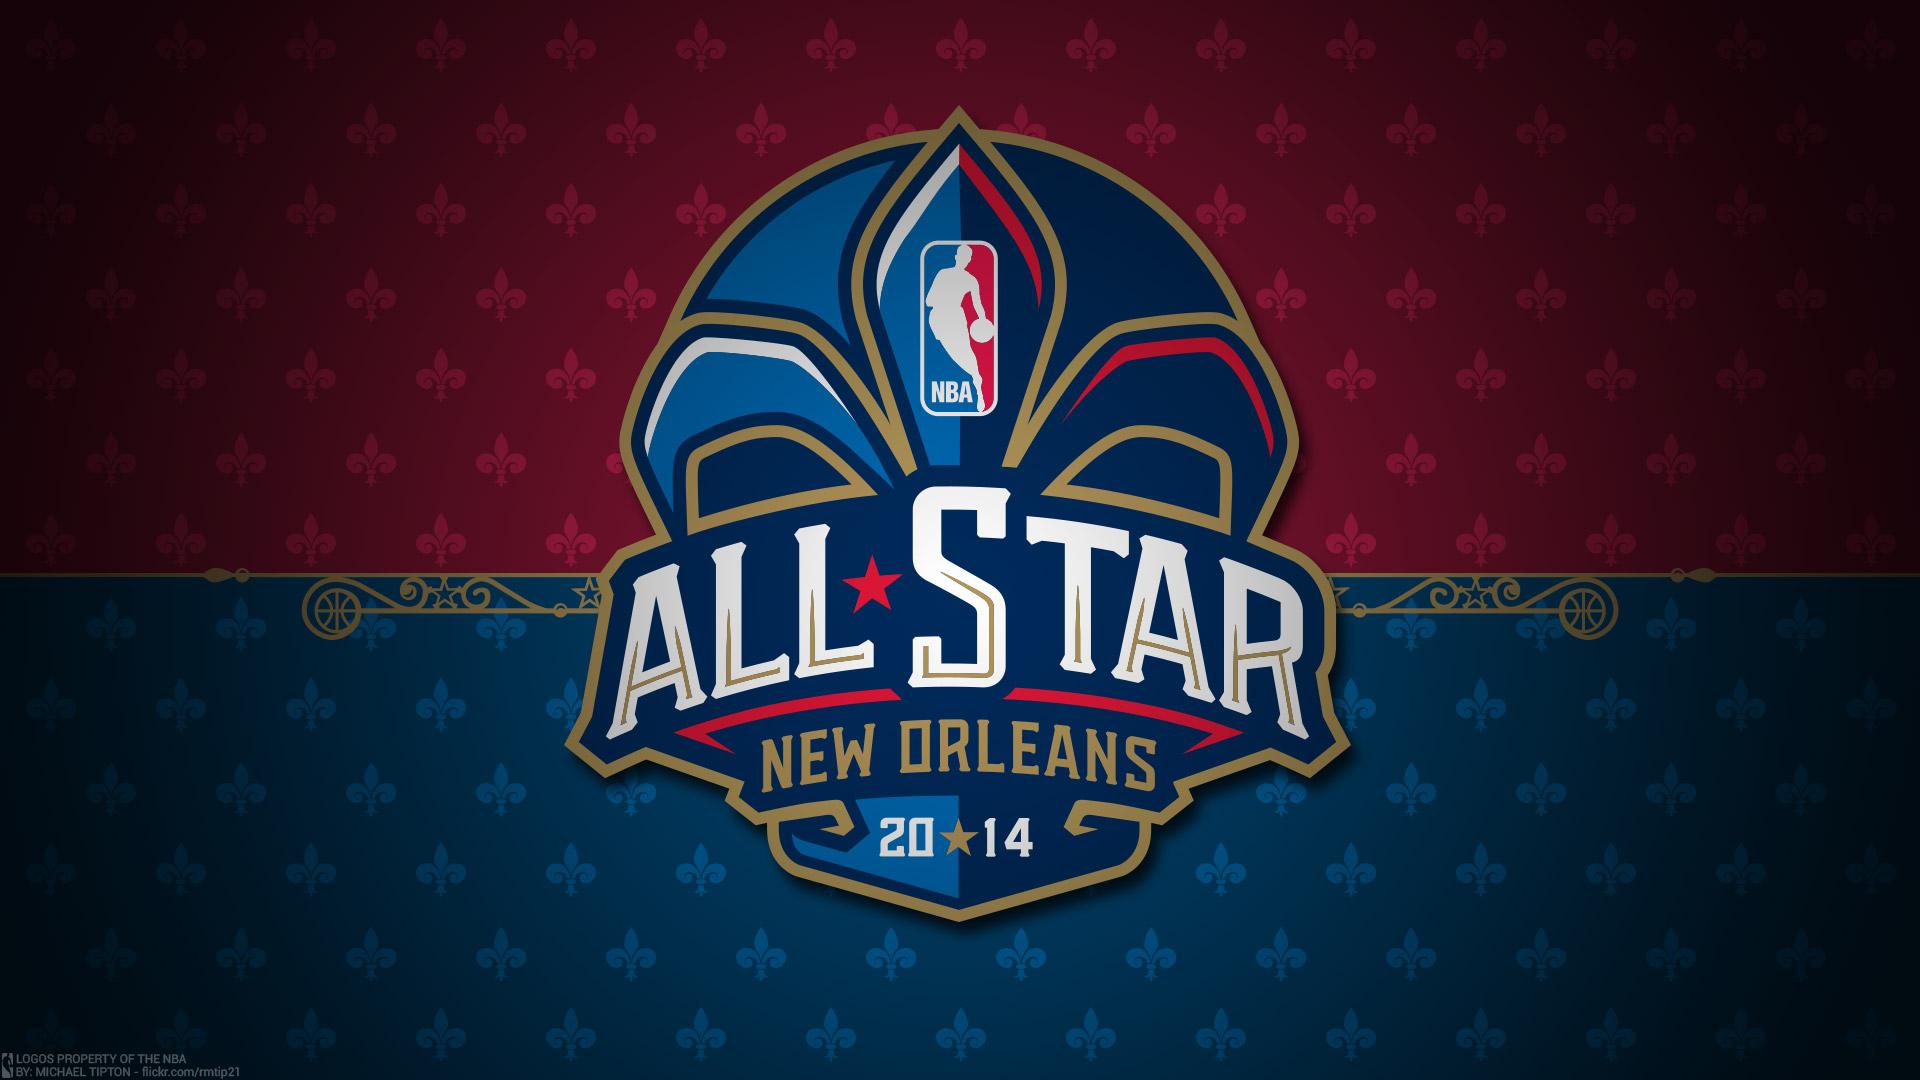 Nba Logo Wallpaper 0a6 1920x1080 px 25617 KB Sports 2014 2015 1920x1080